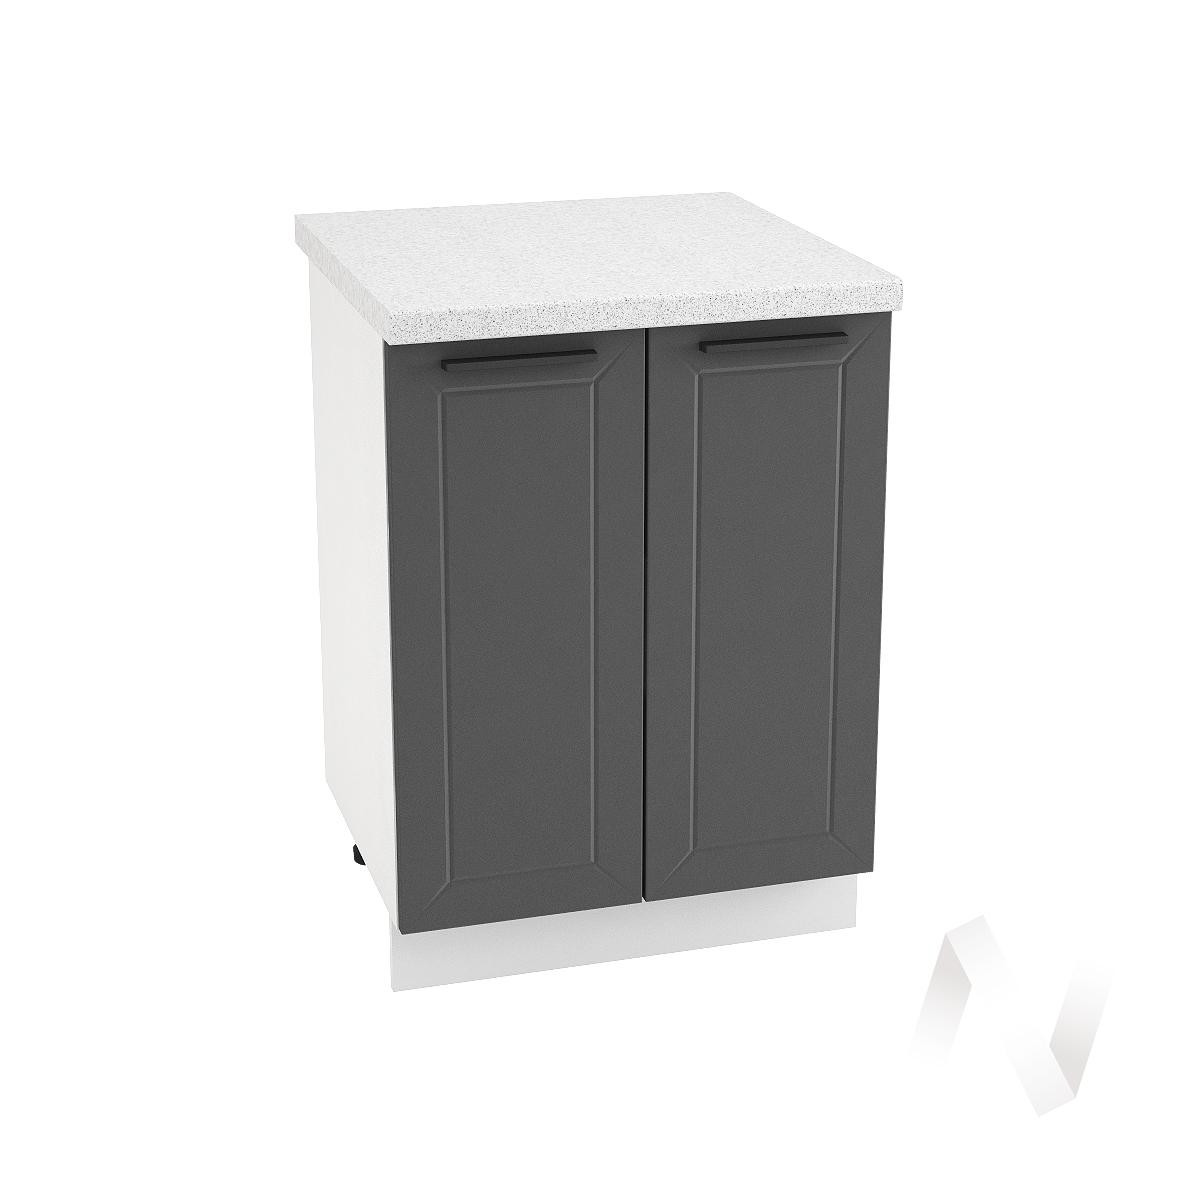 """Кухня """"Глетчер"""": Шкаф нижний 600, ШН 600 (Маренго силк/корпус белый)"""